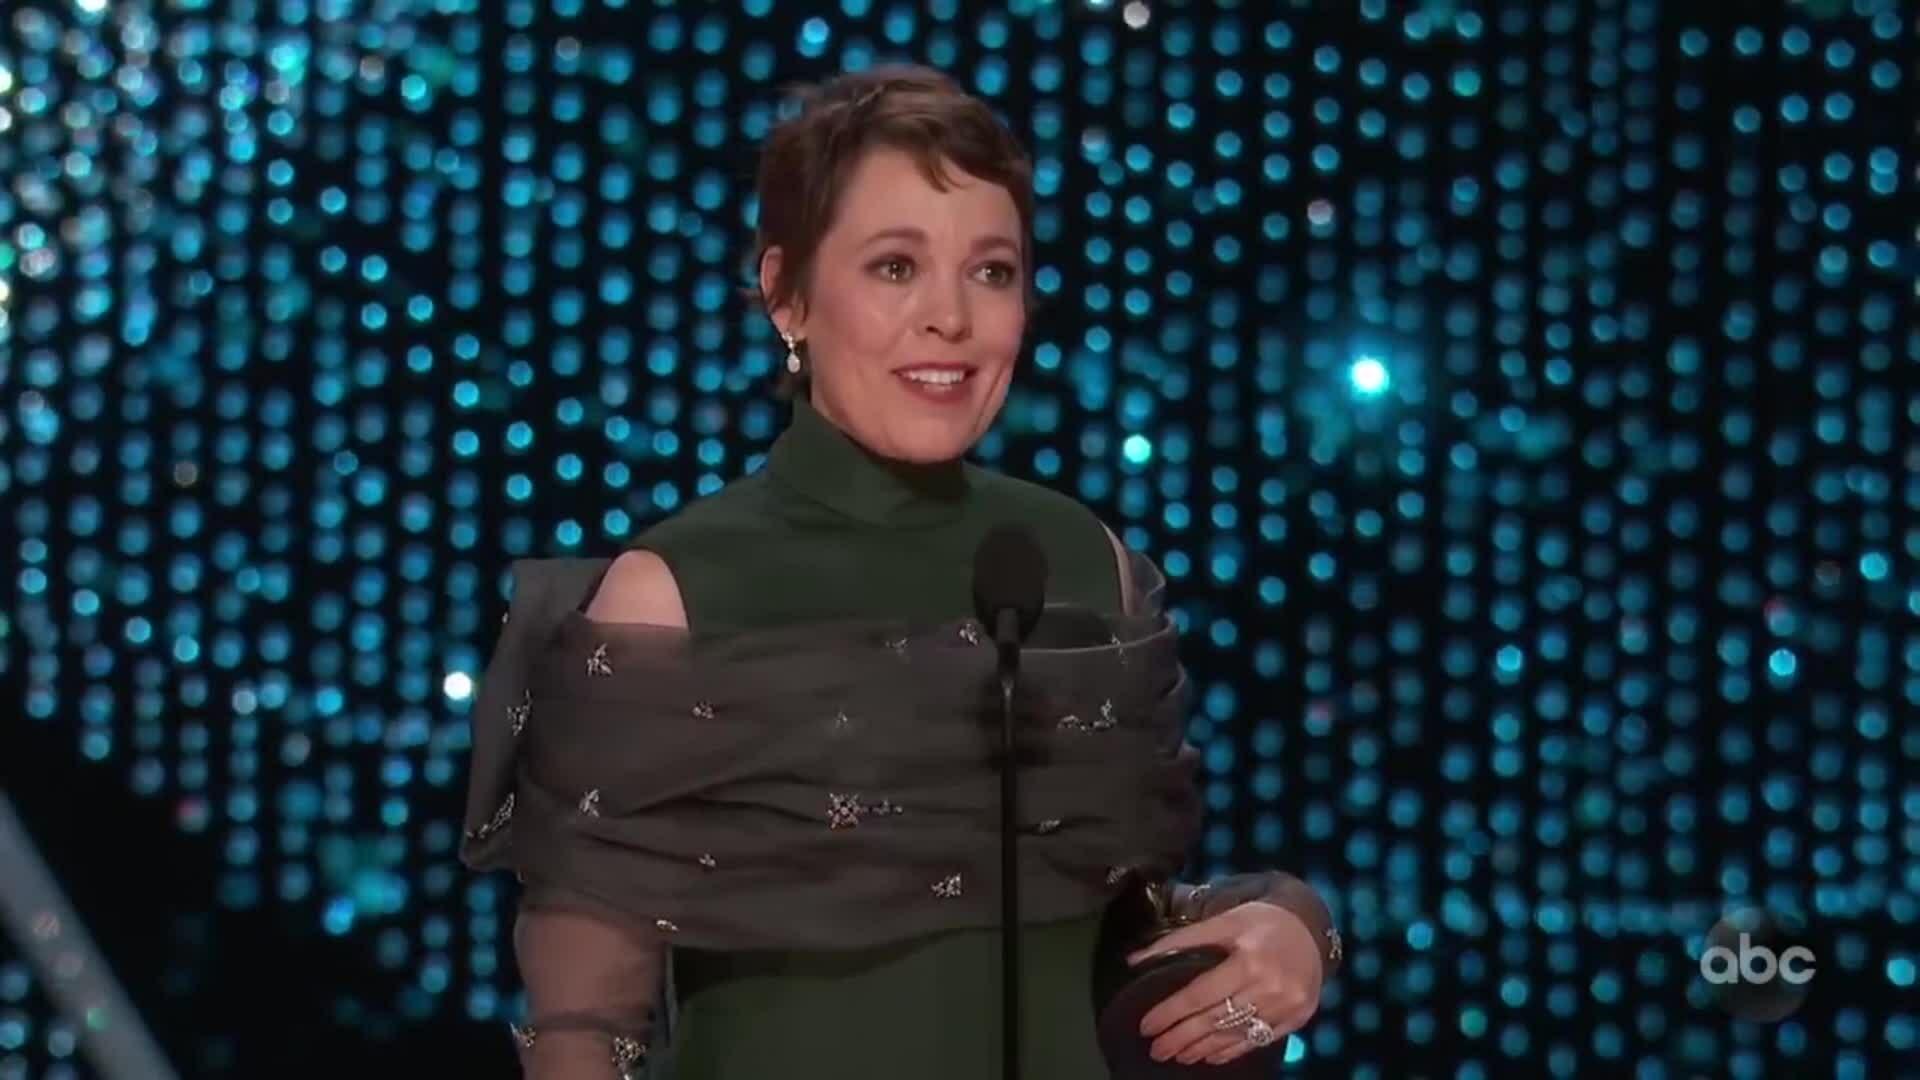 Olivia Colman phát biểu khi nhận tượng vàng nữ chính ở Oscar 2019